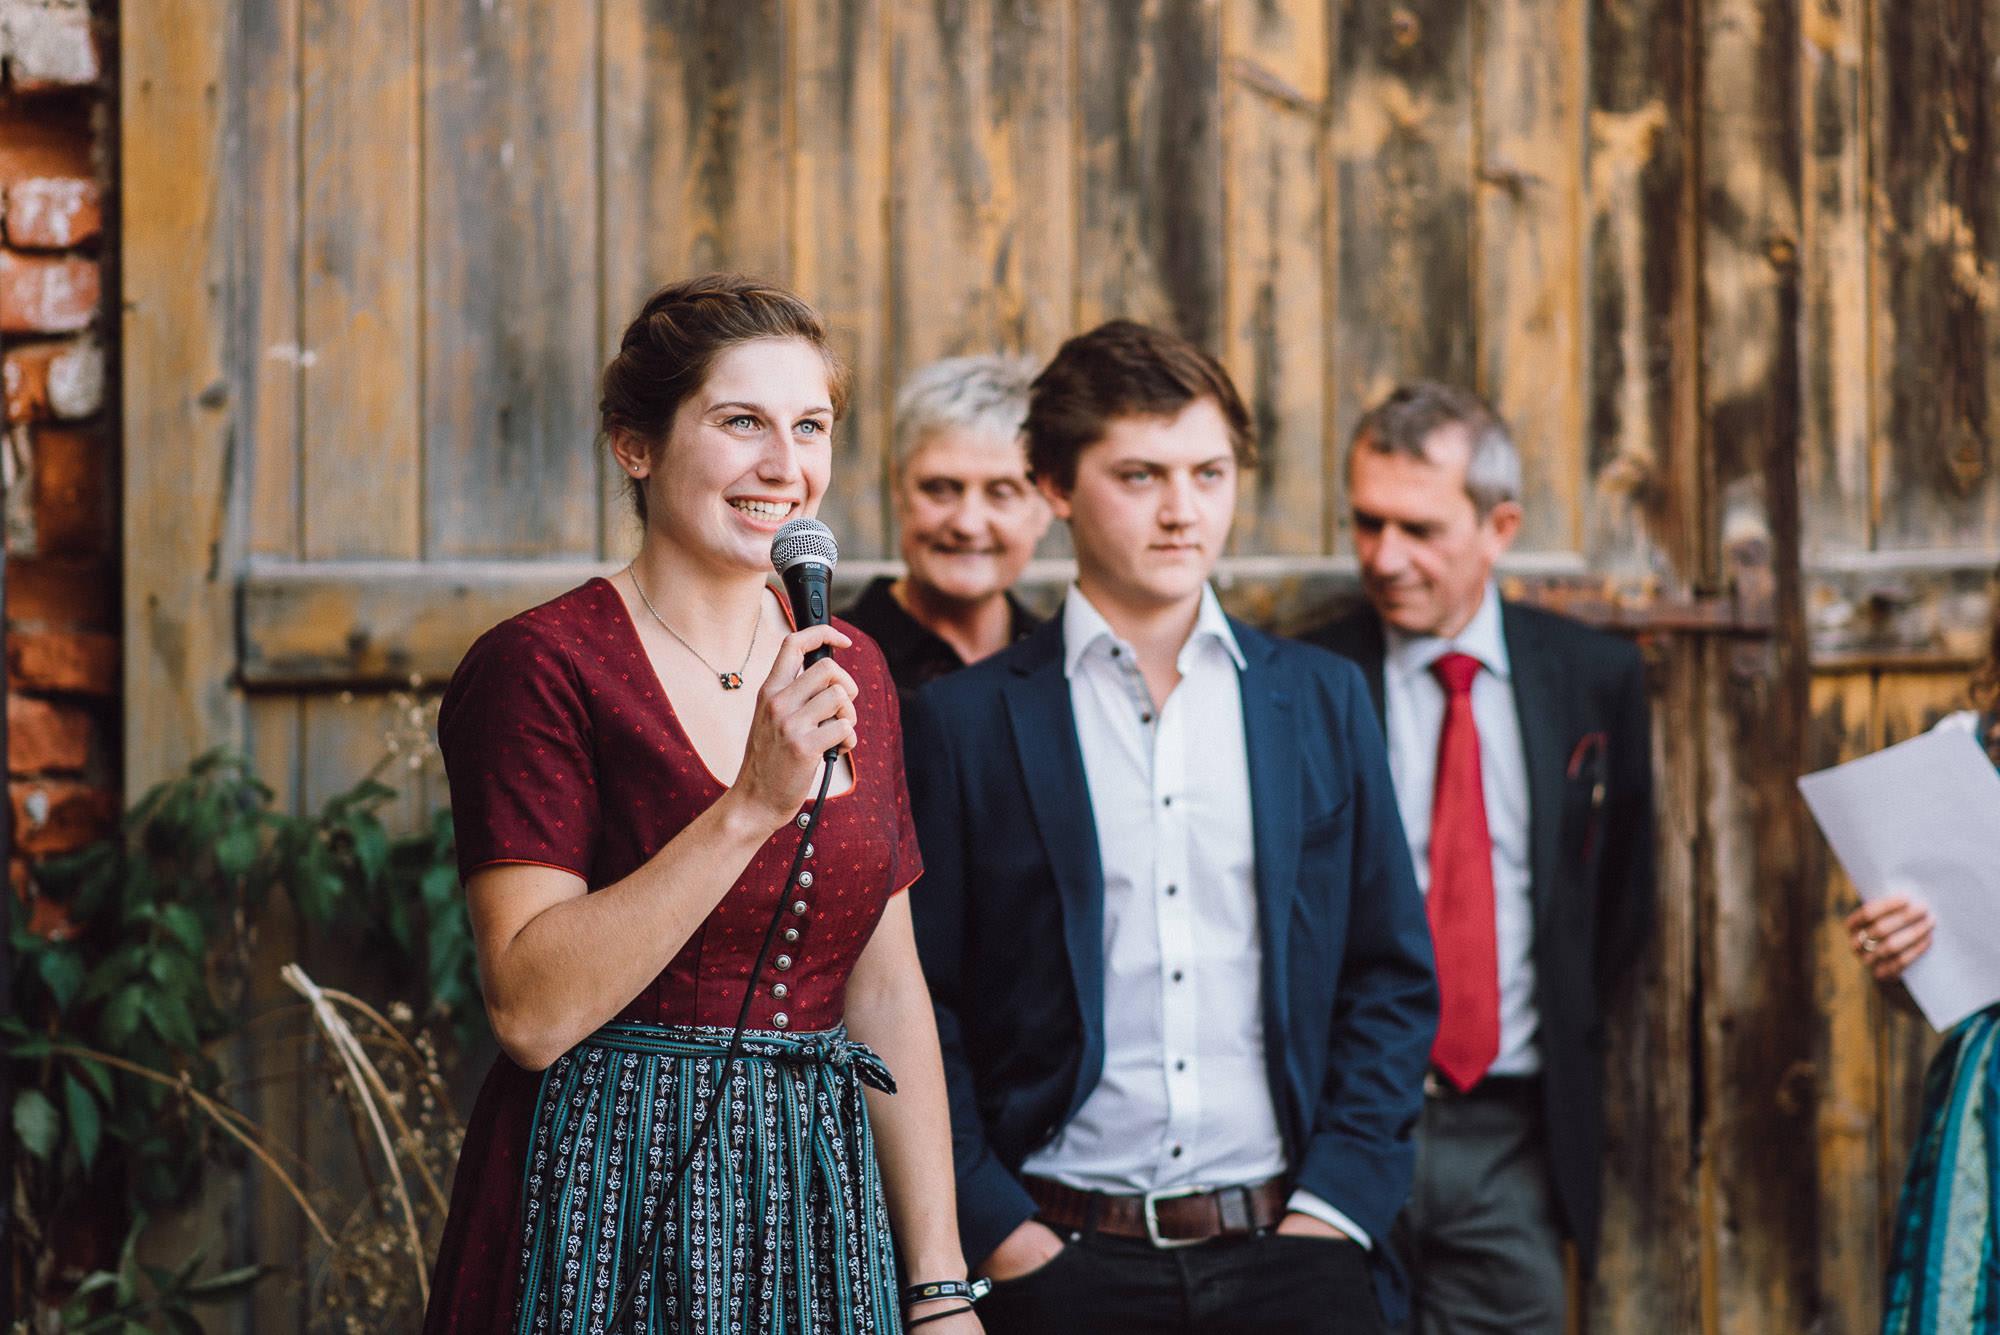 greenery-wedding-hochzeit-prielhof-sukkulenten-scheyern-lauraelenaphotography-073